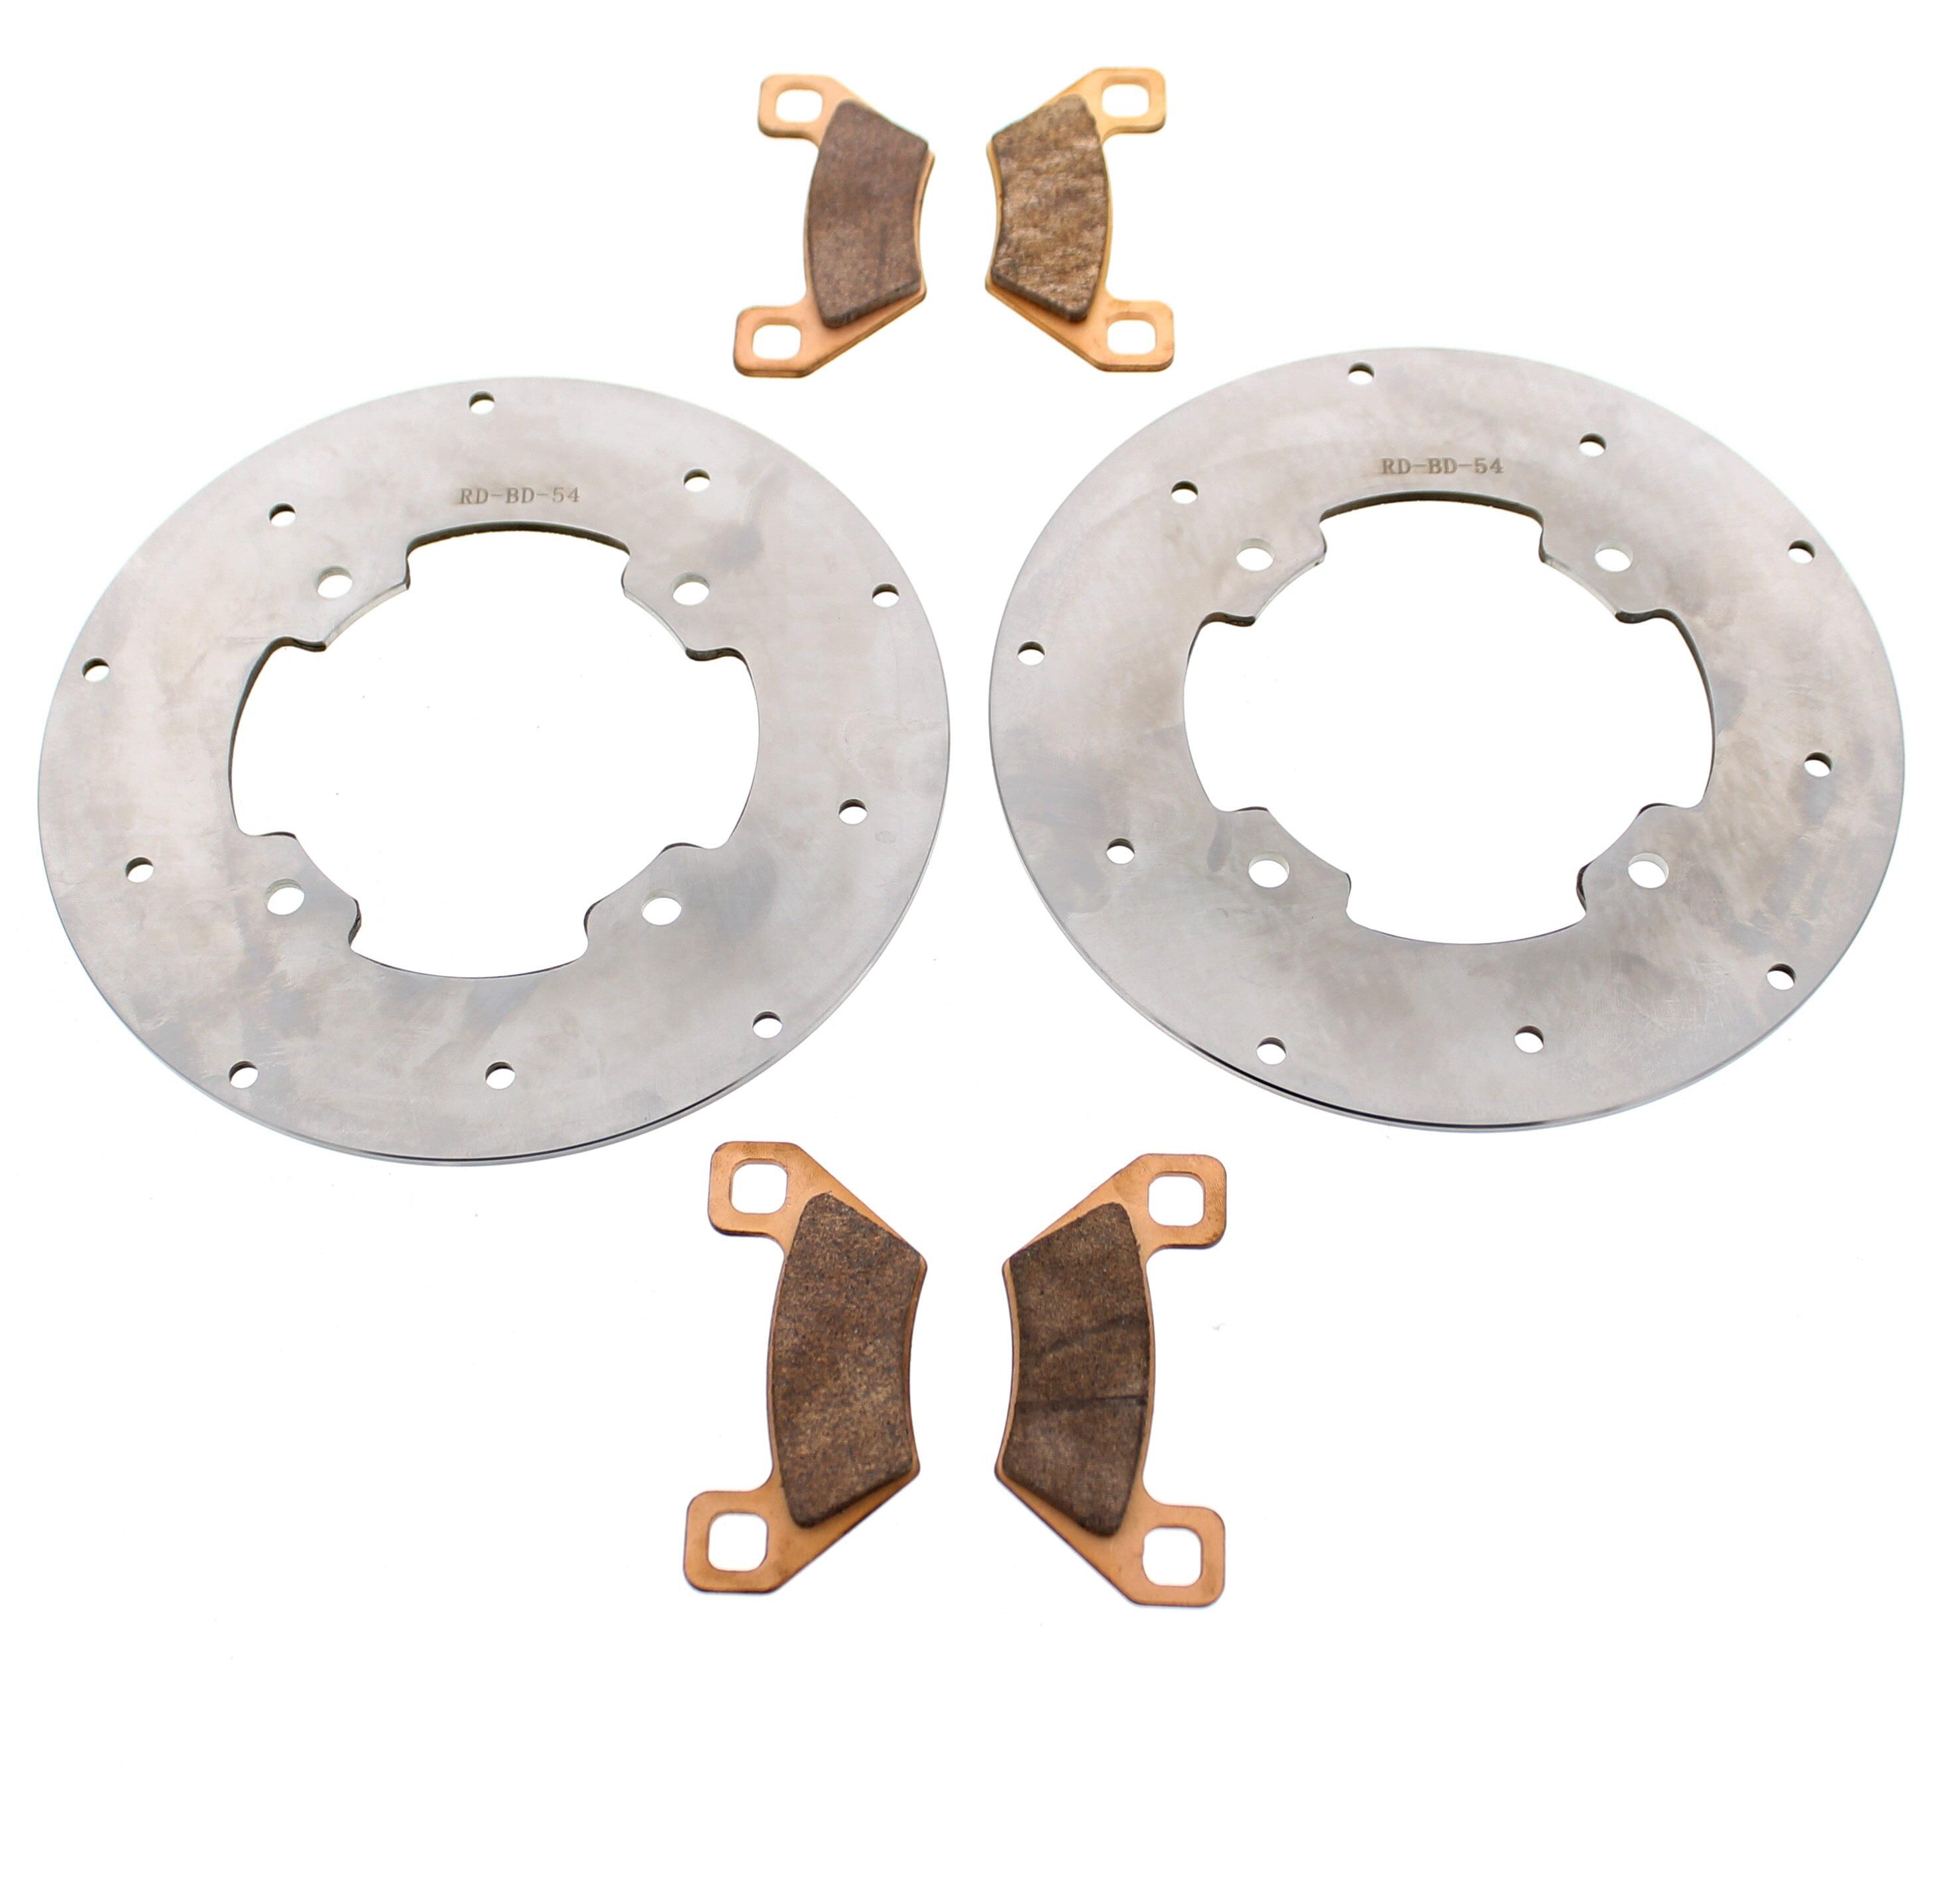 2013-2015 Arctic Cat Wildcat 1000 Rear Standard Brake Rotors Brake Discs